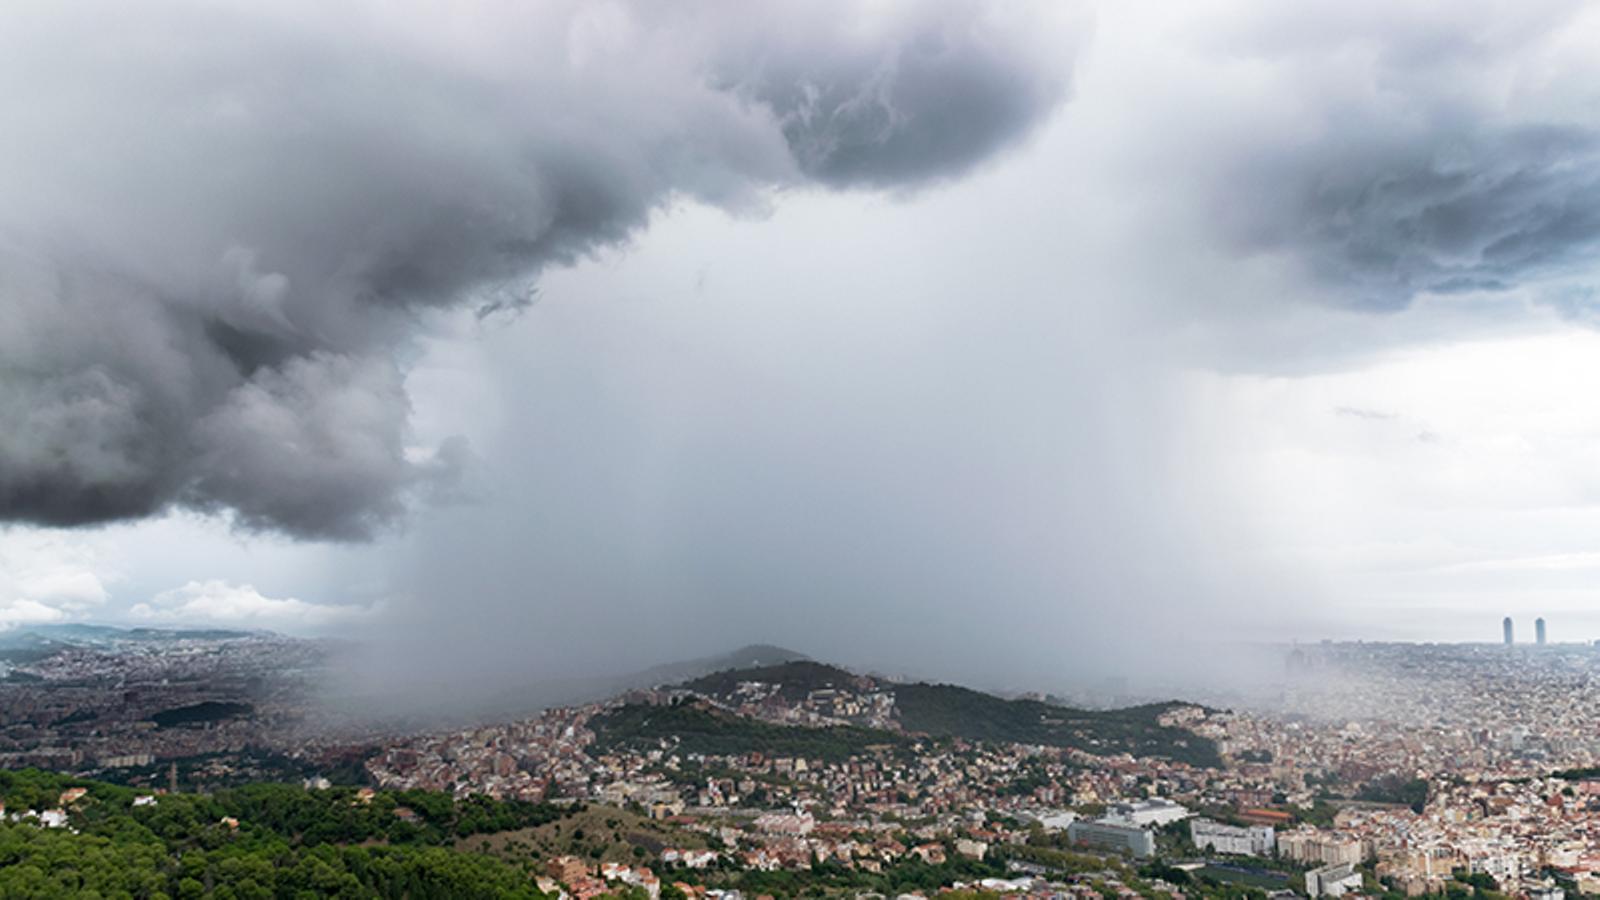 Protecció Civil activa el pla Inuncat davant una tarda de possibles tempestes fortes